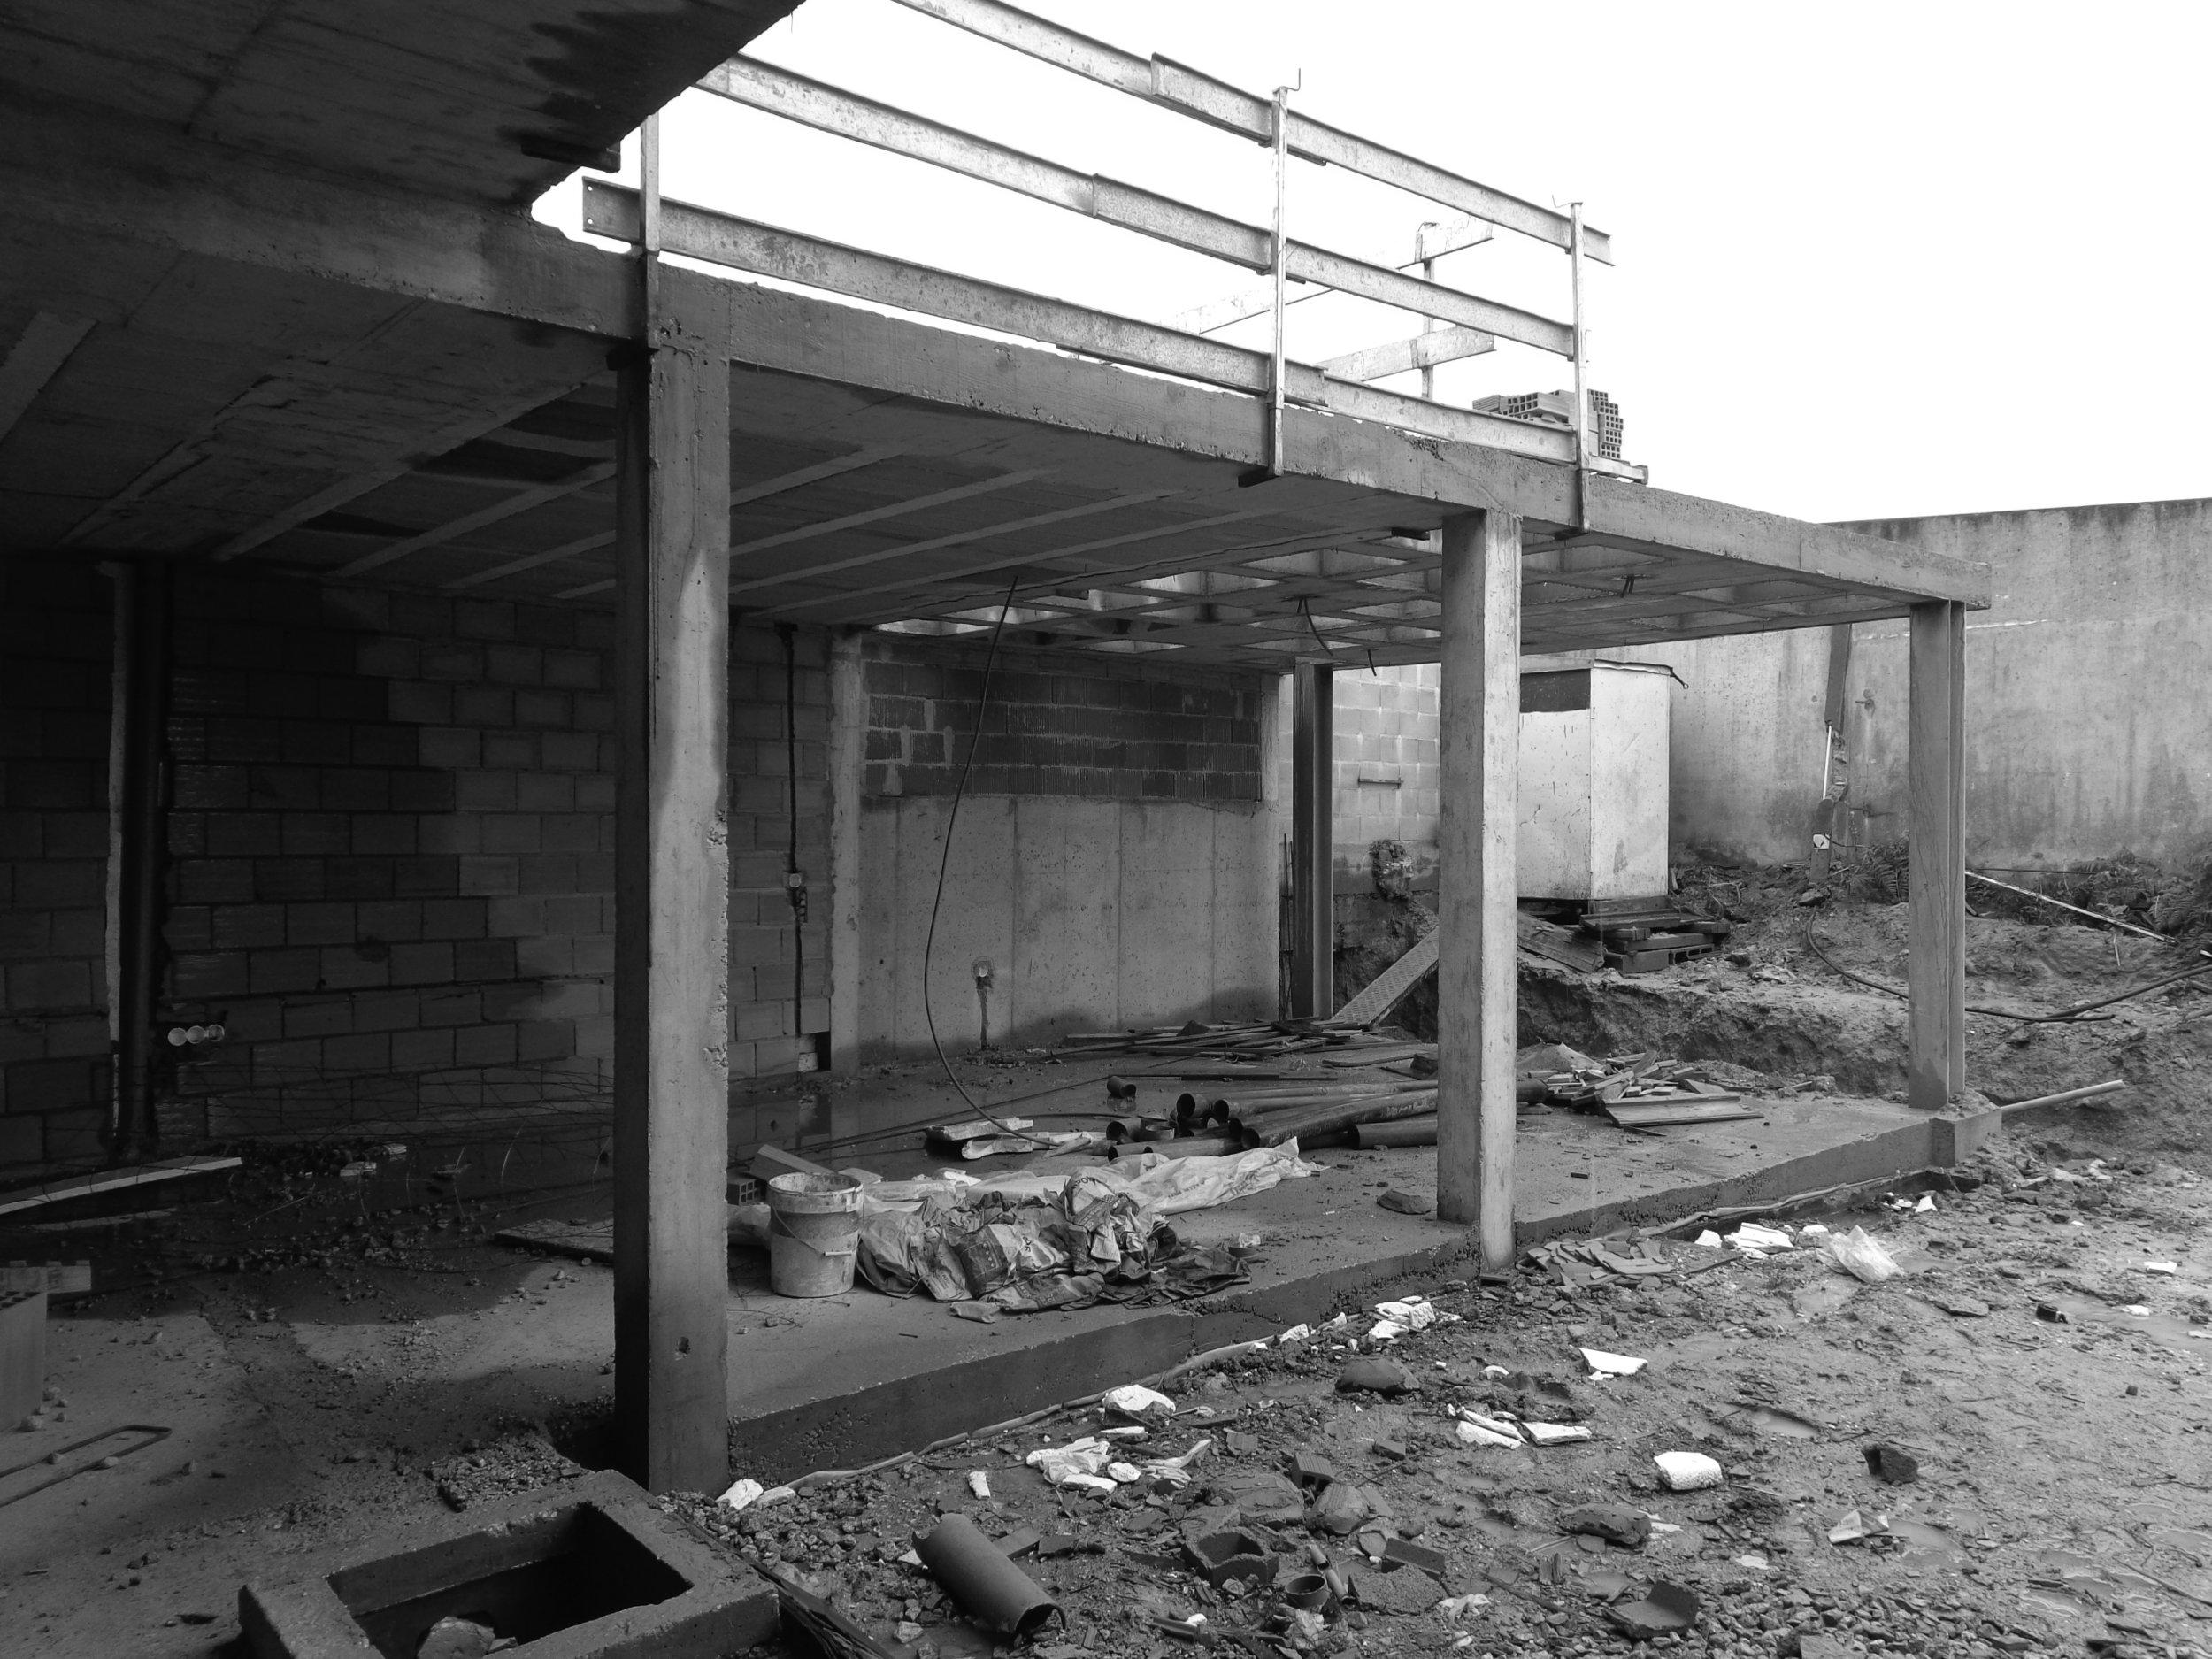 Moradia Alfazema - EVA evolutionary architecture - vila nova de gaia - arquitecto - porto (19).jpg